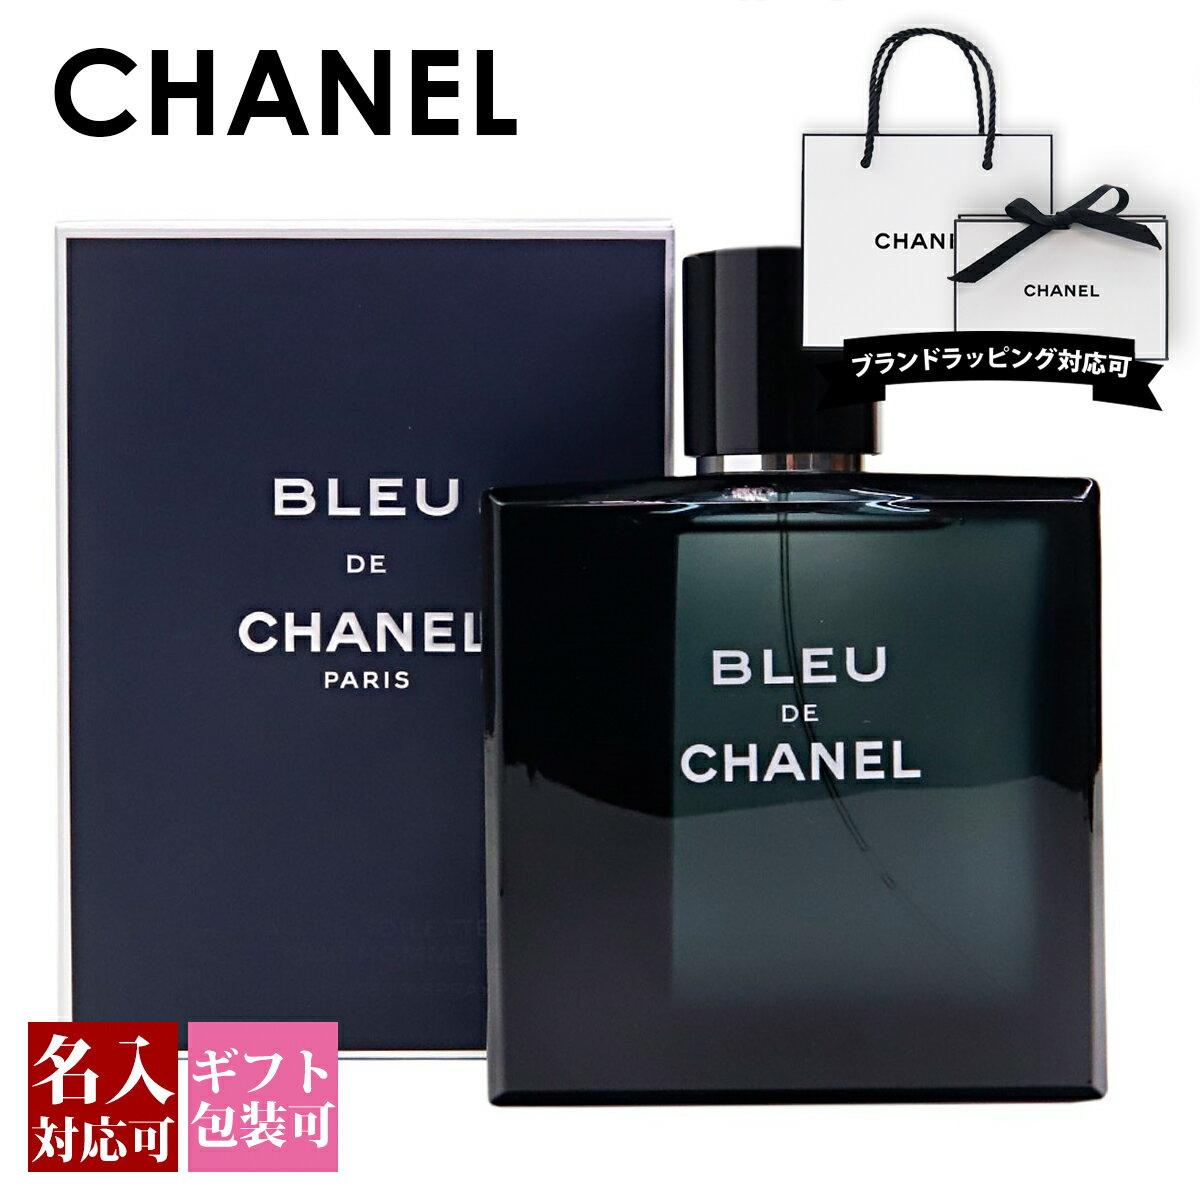 シャネル chanel 名入れ 香水 メンズ レディース 男性用 ブルー ドゥ シャネル ブルードゥシャネル EDT 100ml 正規品 セール 送料無料ブランド 新品 新作 2018年